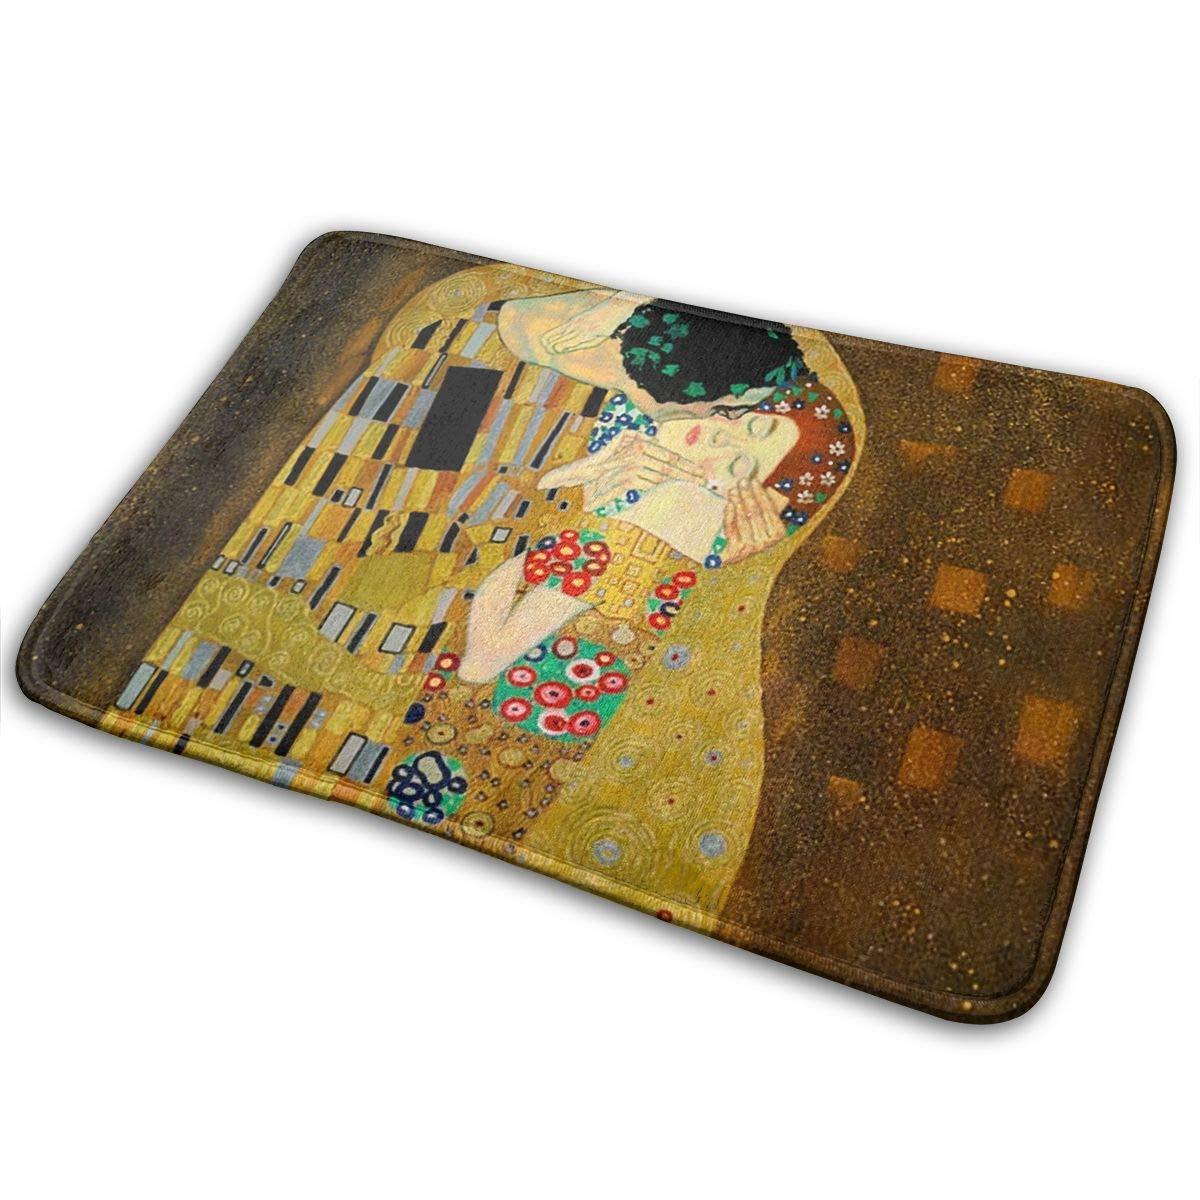 Gustav Klimt The Kiss Felpudo Antideslizante Casa Puerta de jardín Alfombra Alfombra de Puerta Alfombrillas de Piso: Amazon.es: Hogar